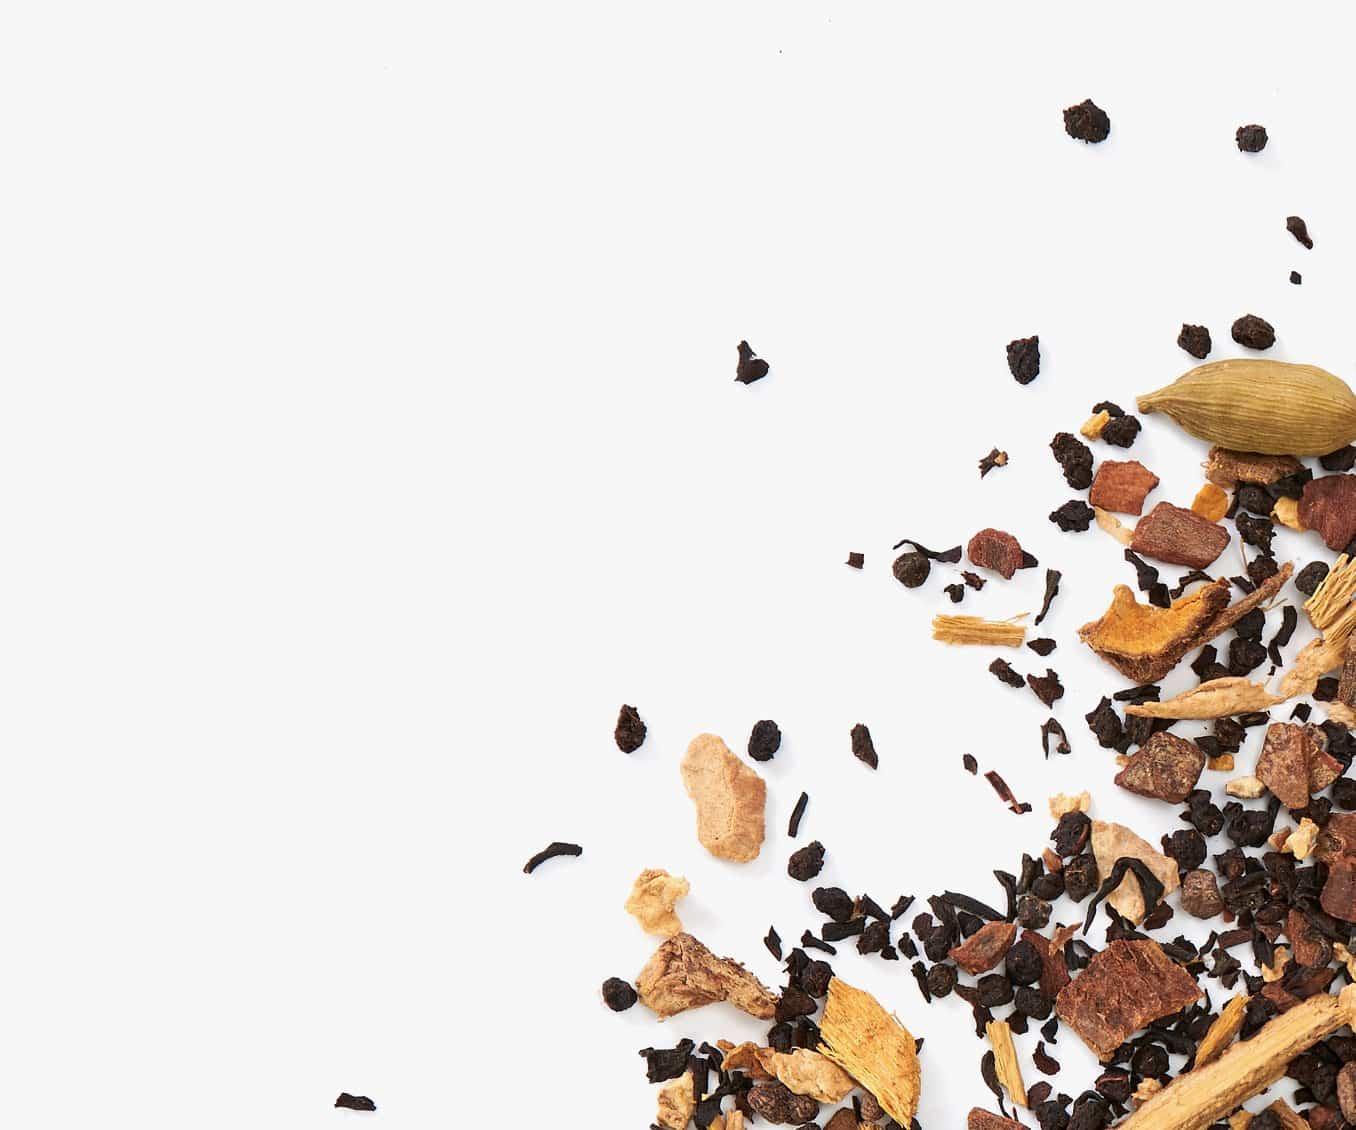 Thé chaï en feuille placé dans le coin droit sur un fond blanc.